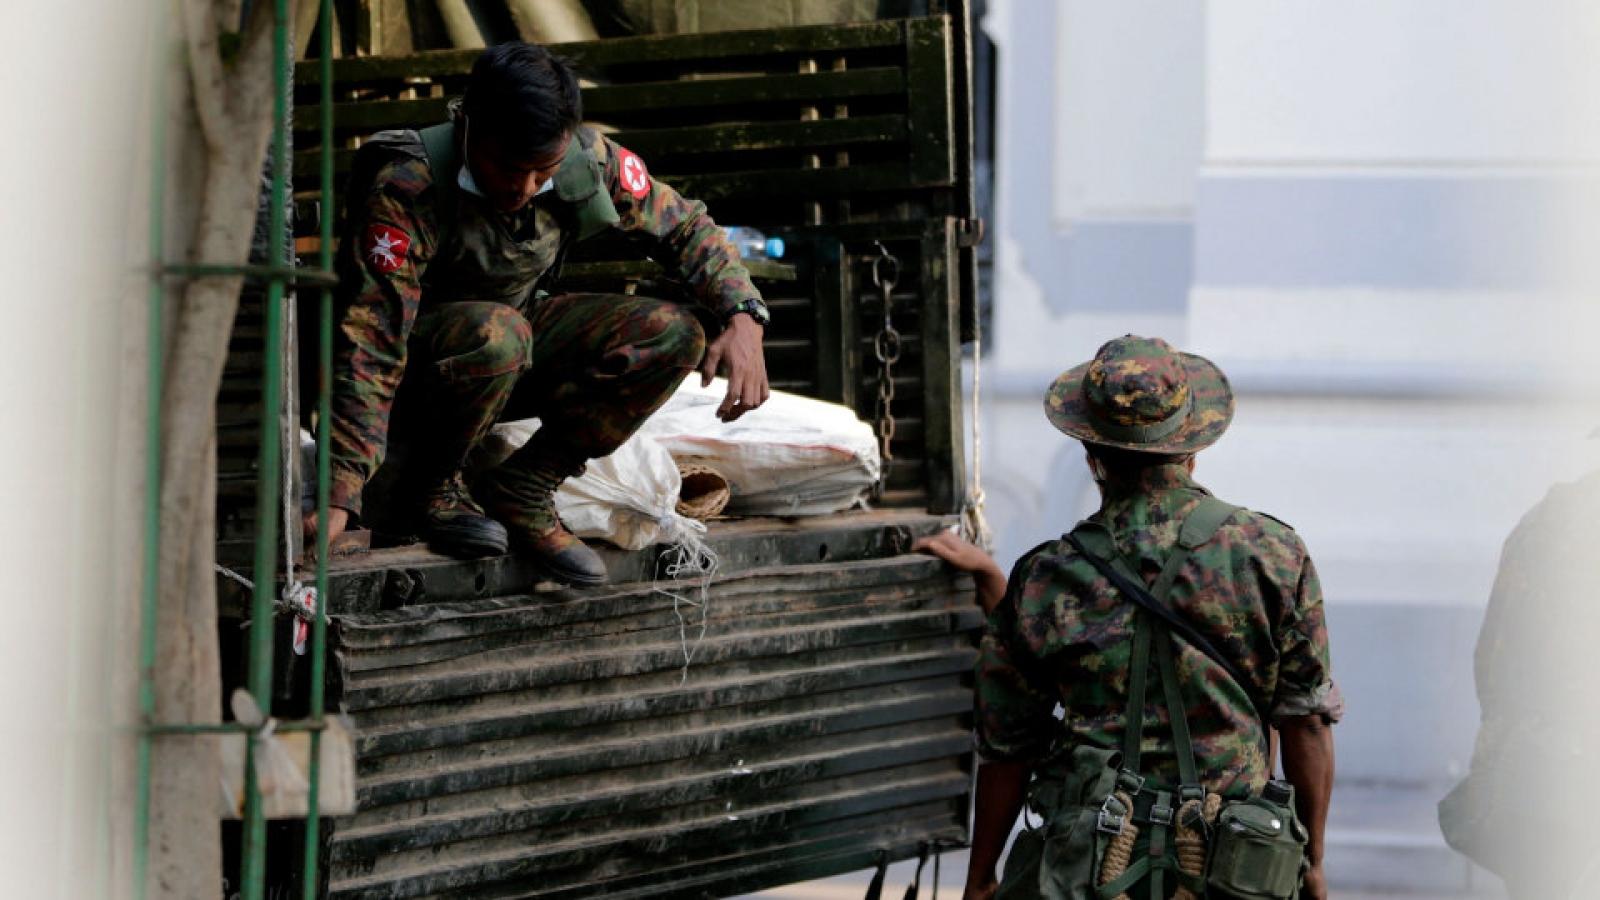 Ngoại trưởng Trung Quốc, Brunei và Indonesia điện đàm về tình hình tại Myanmar